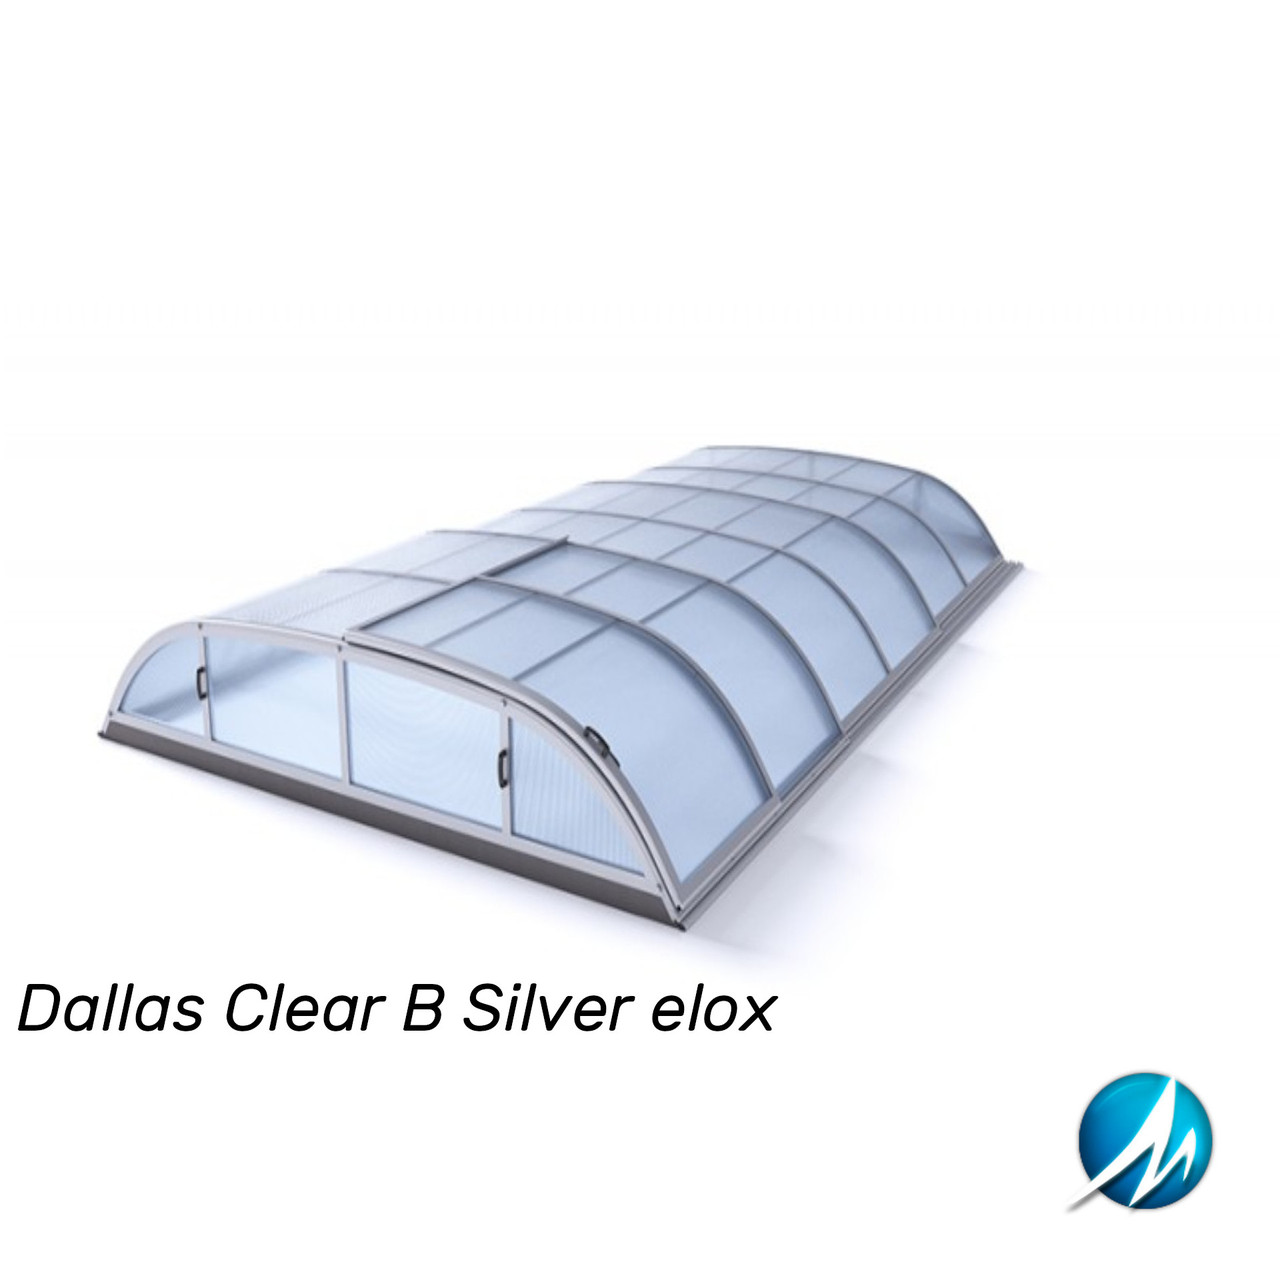 Павільйон для басейну Dallas Clear В 5,2x8,6x1,0м - Silver elox